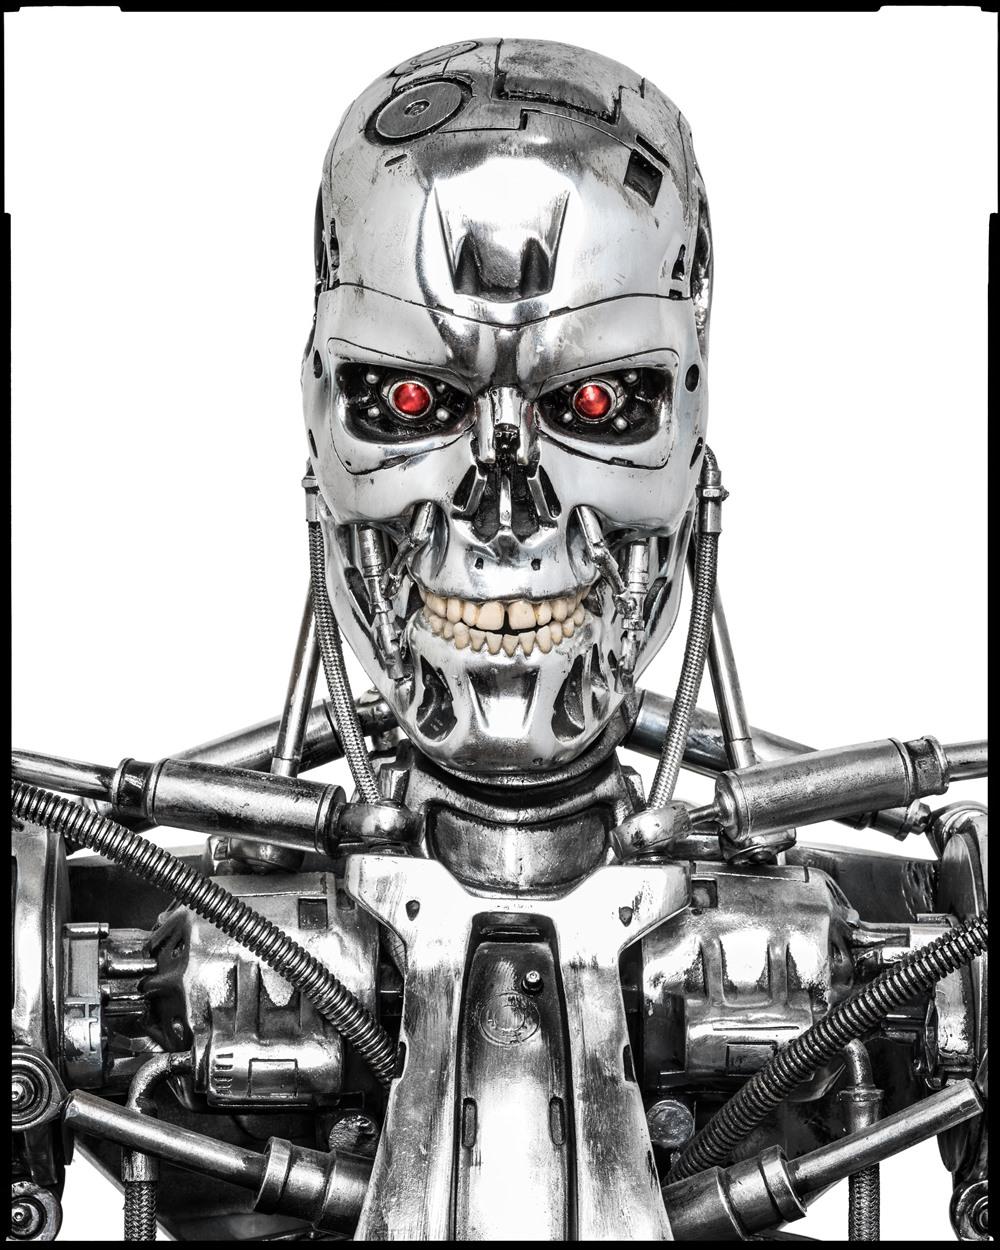 Hình ảnh một con robot T-800 đang nằm trong bộ sưu tập của Dan Lanigan.